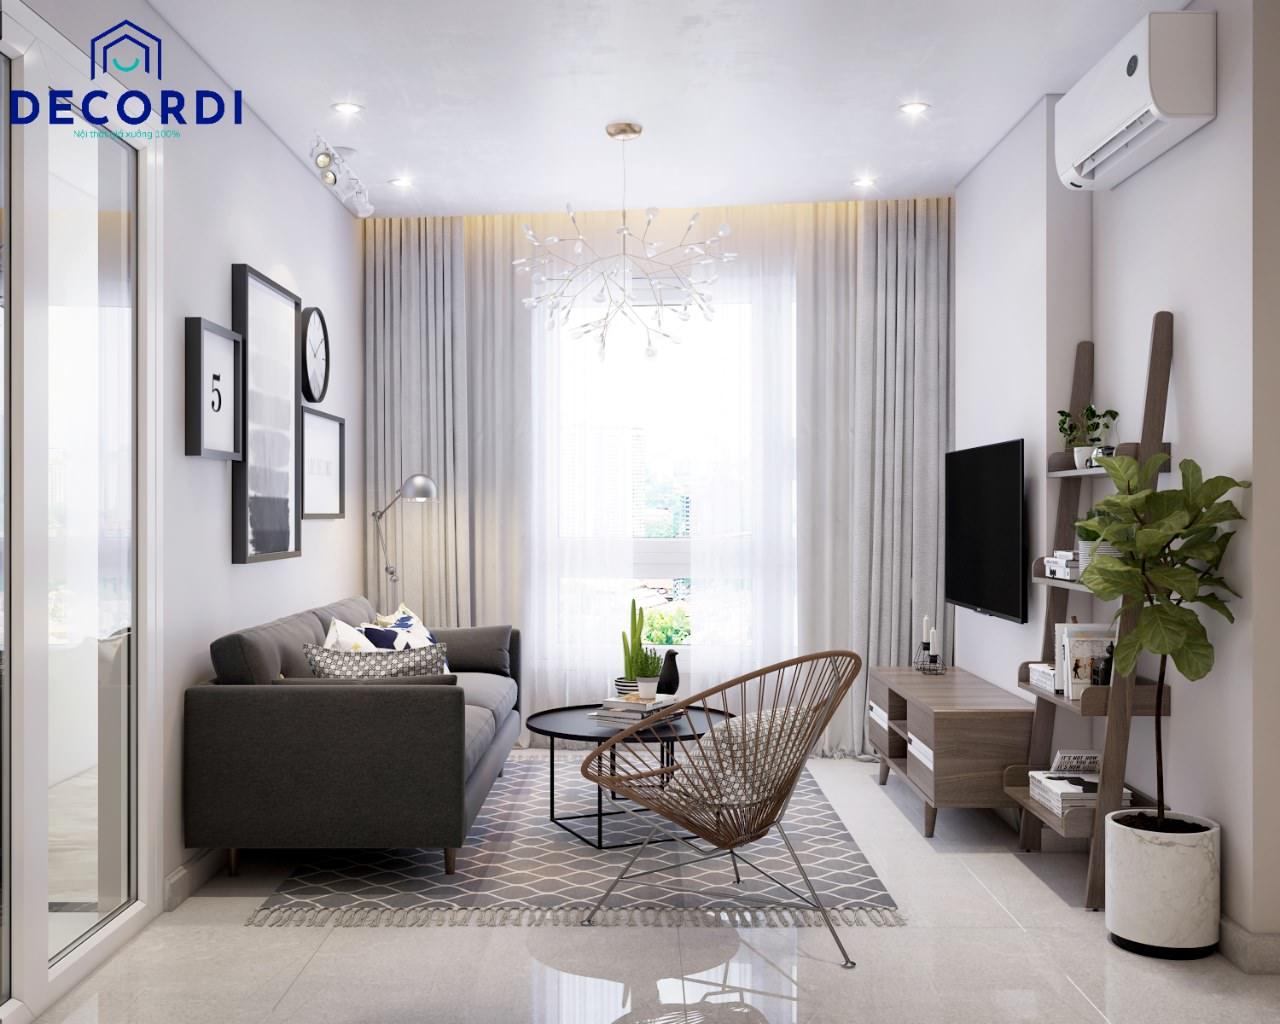 Phòng khách chung cư tiện nghi hơn với những mẫu kệ trang trí đẹp